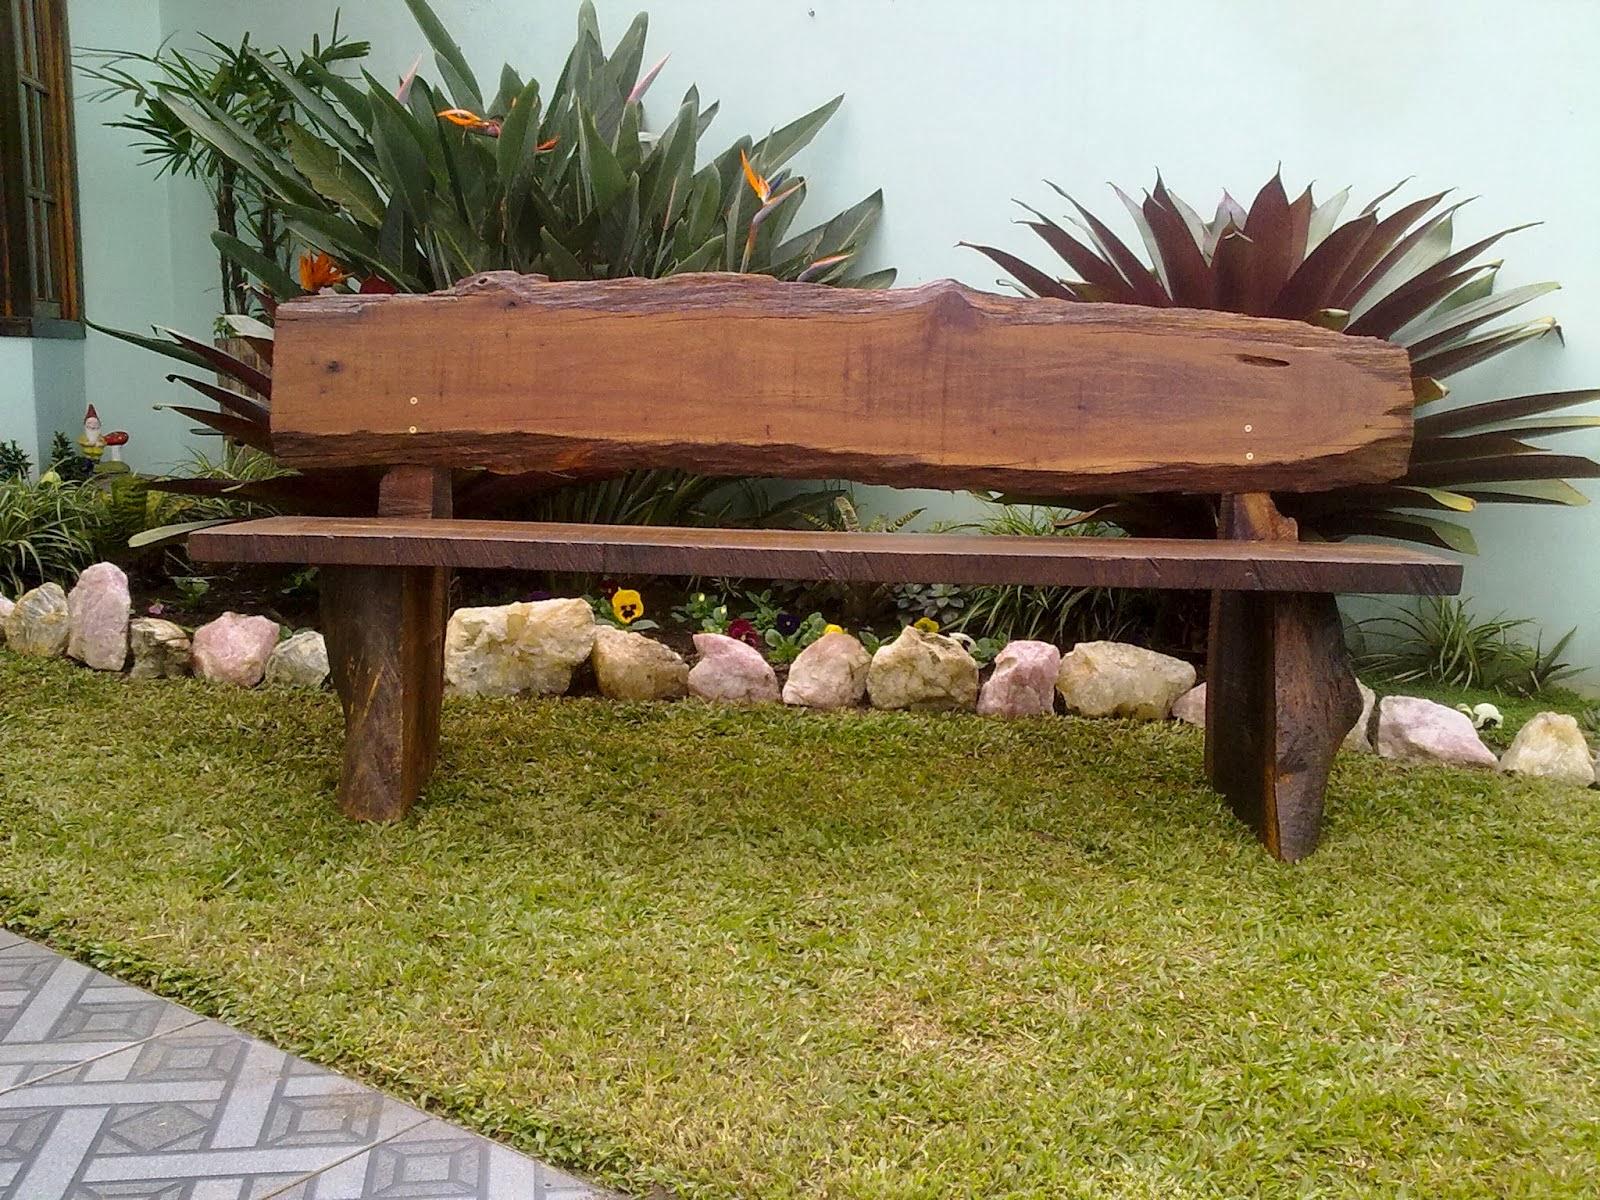 decoracao para jardins mercado livre: Decoração: Ideias para Bancos de Jardim feitos de Madeira